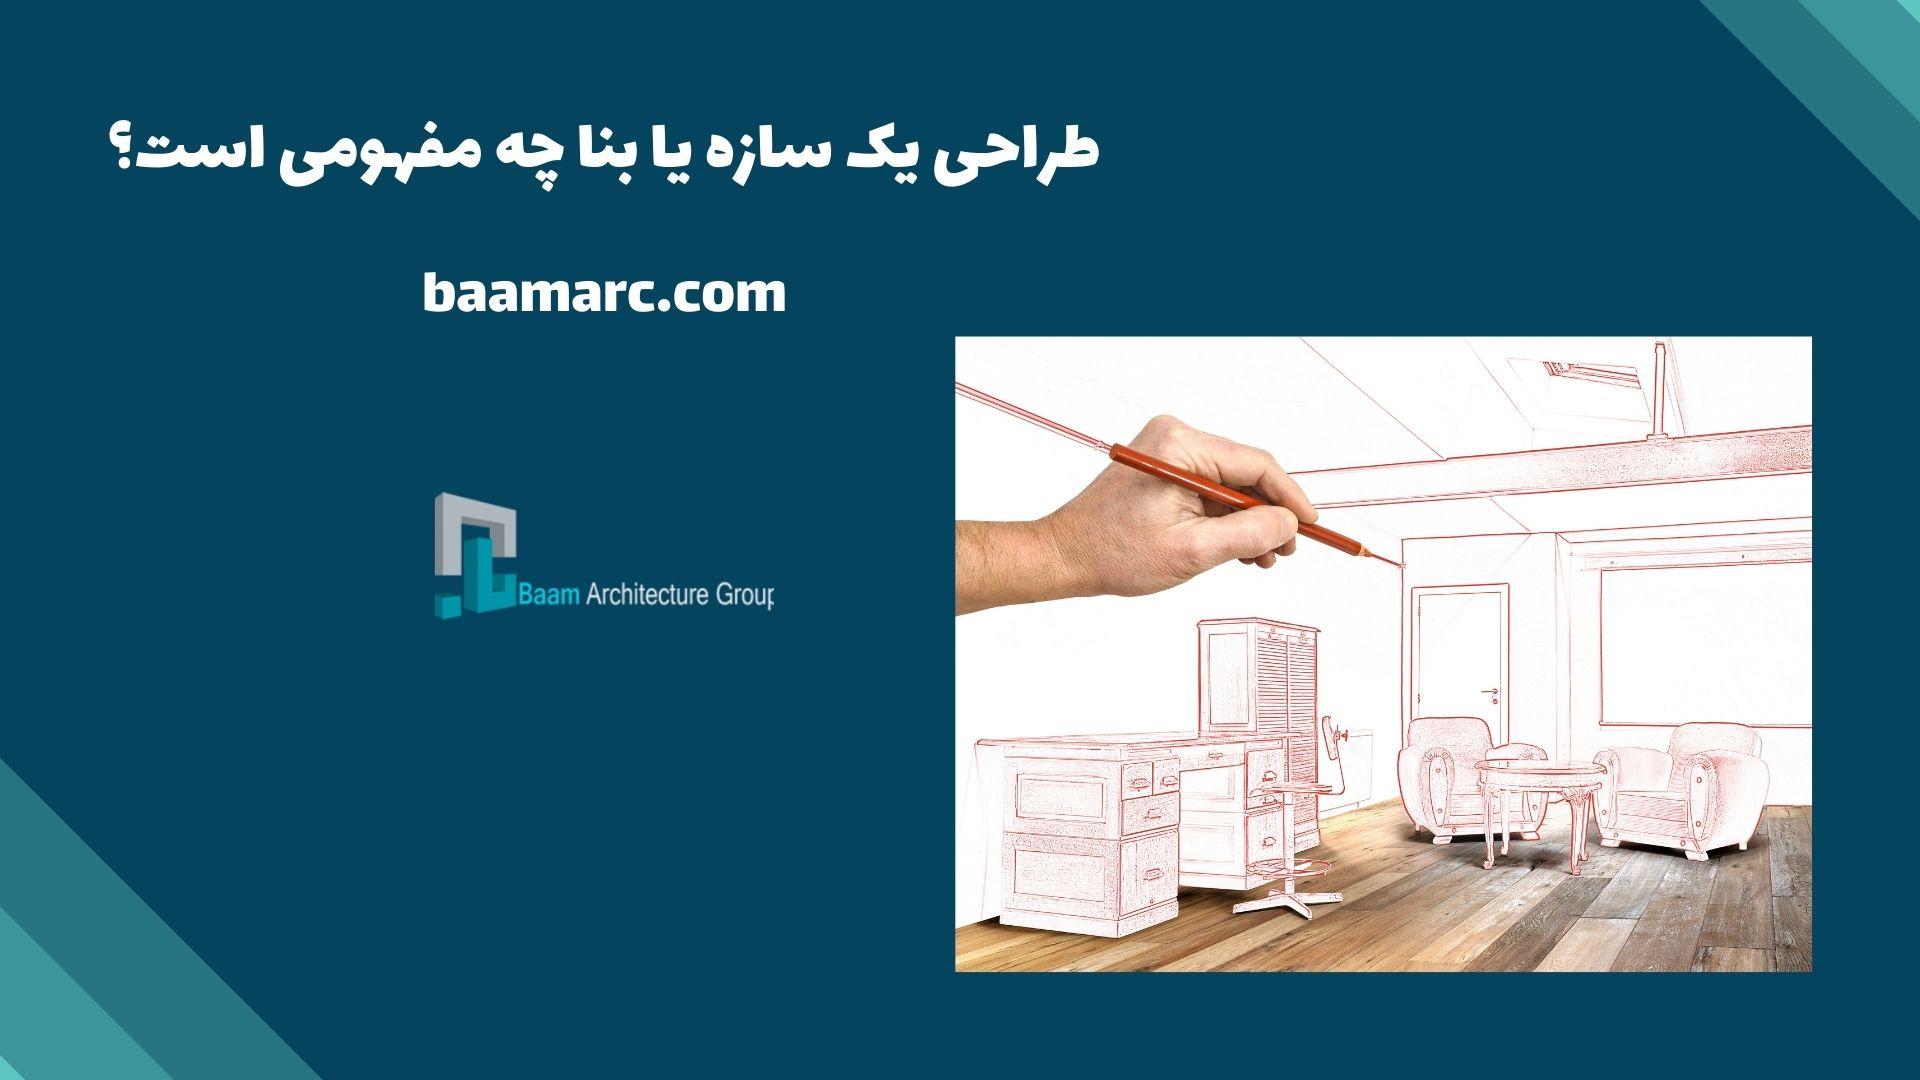 طراحی یک سازه یا بنا چه مفهومی دارد؟